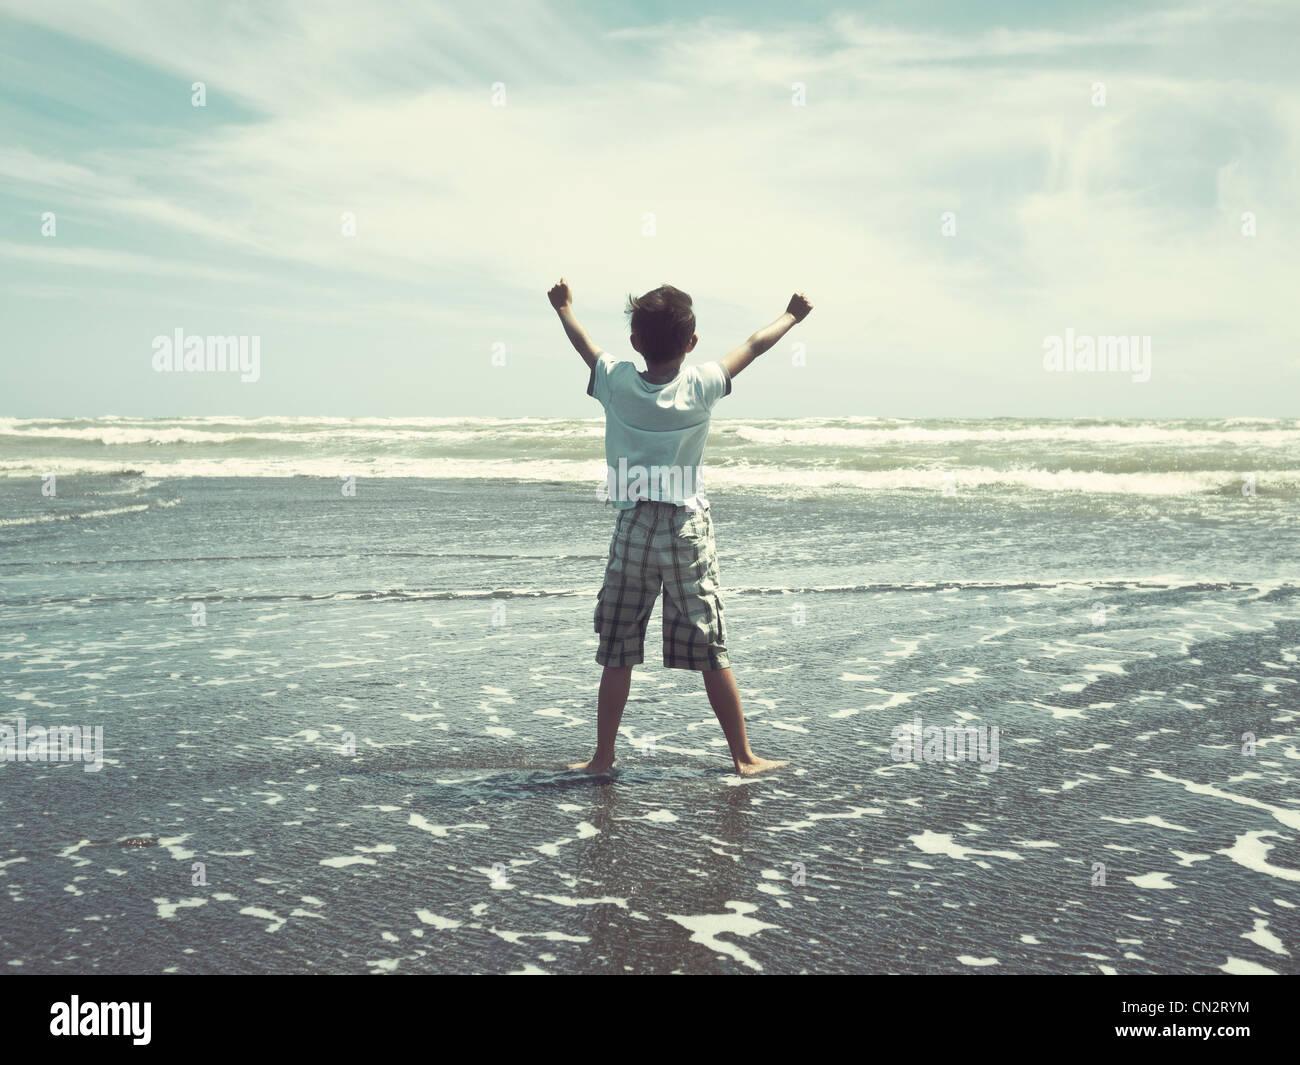 Ho premuto indietro il mare: ragazzo sulla spiaggia, Nuova Zelanda. Immagini Stock